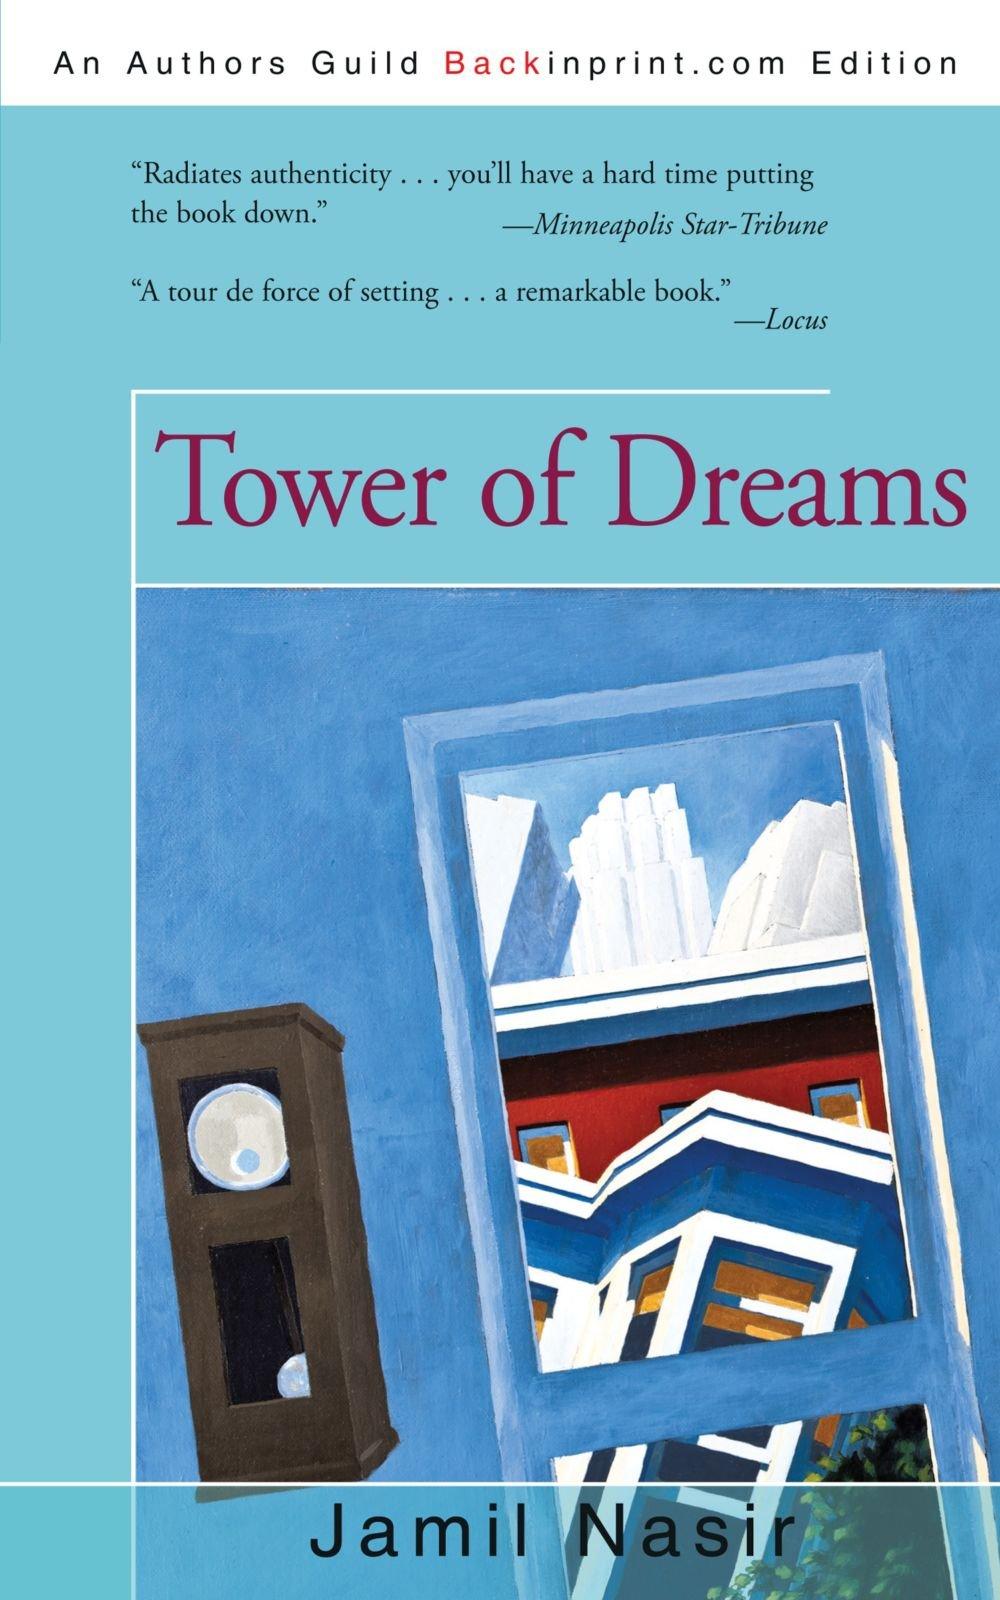 Tower of Dreams: Jamil Nasir: 9781440186653: Amazon.com: Books